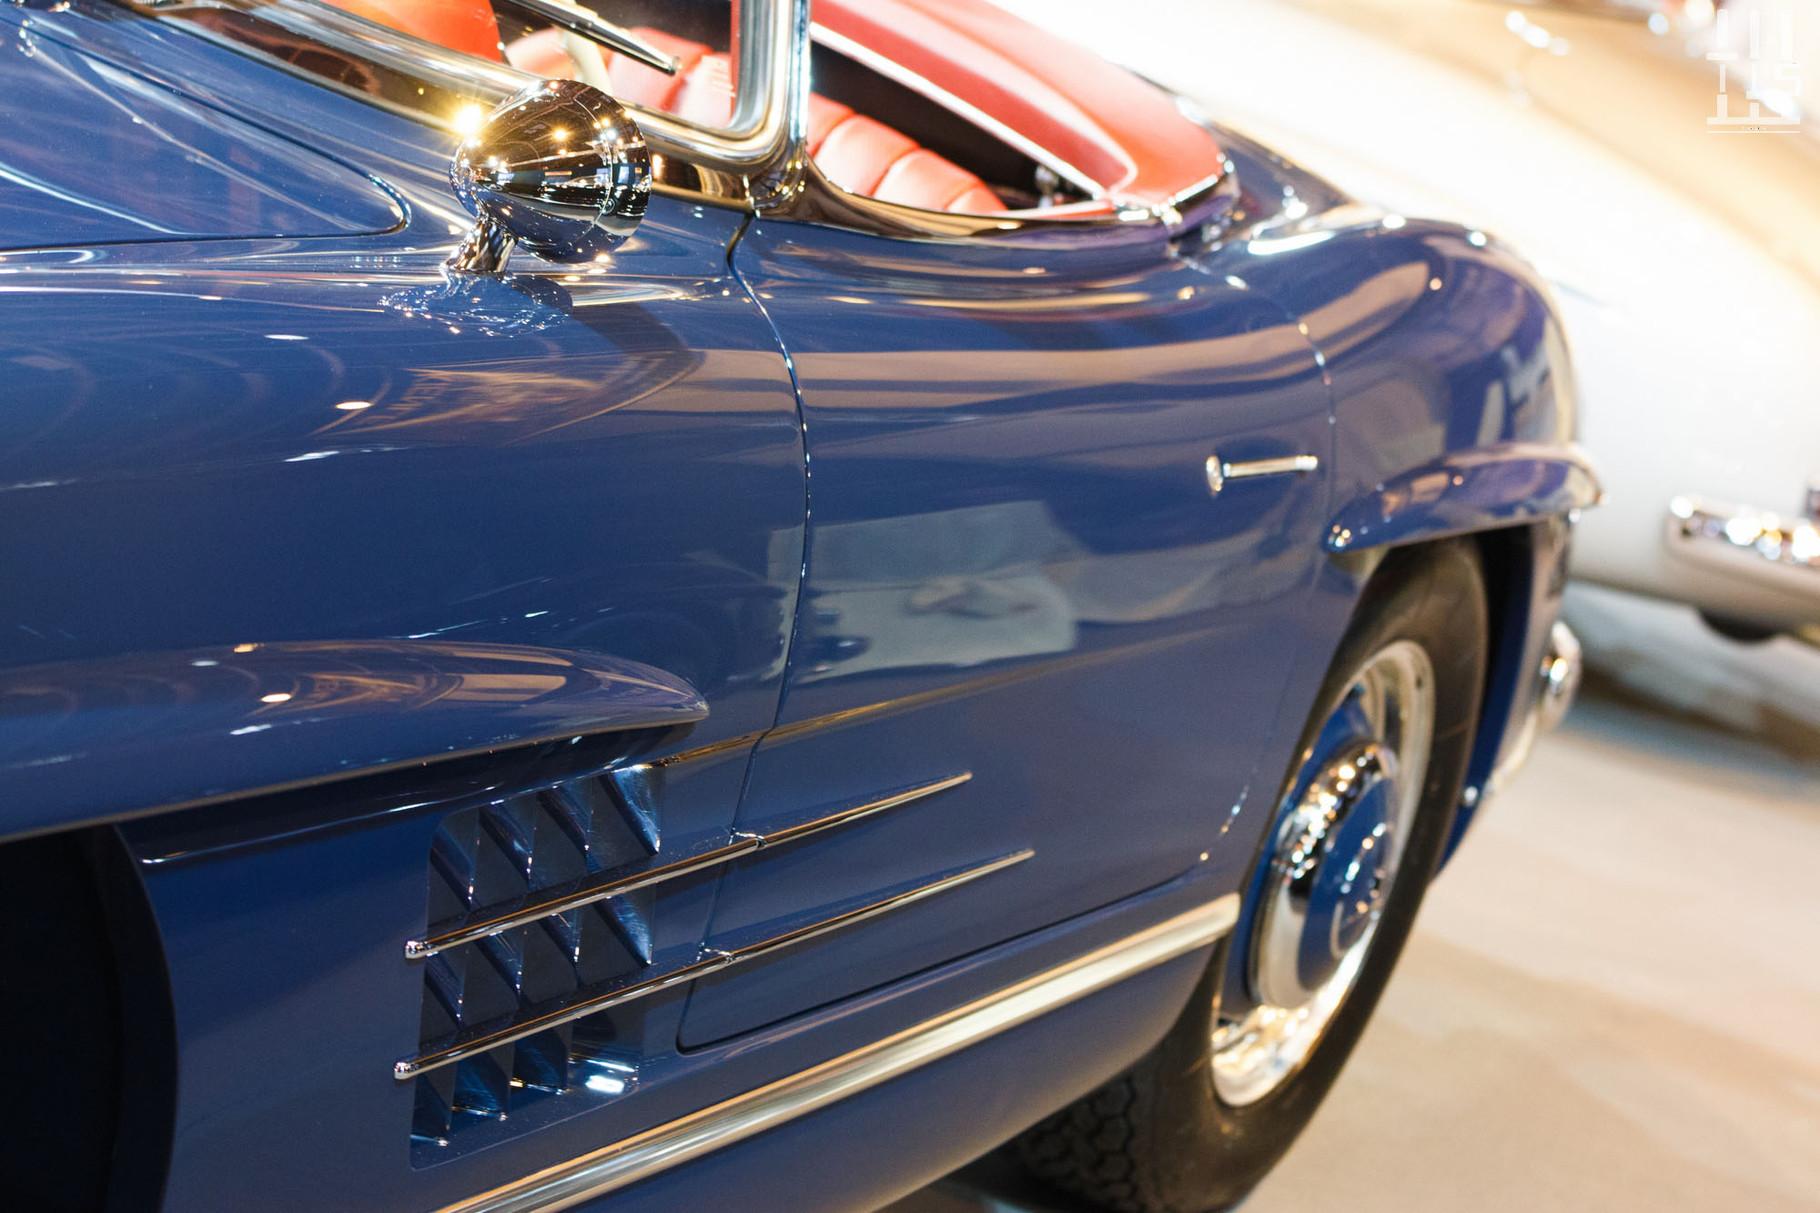 Une 300SL Roadster, c'est beau. Encore plus en bleu avec un intérieur rouge !